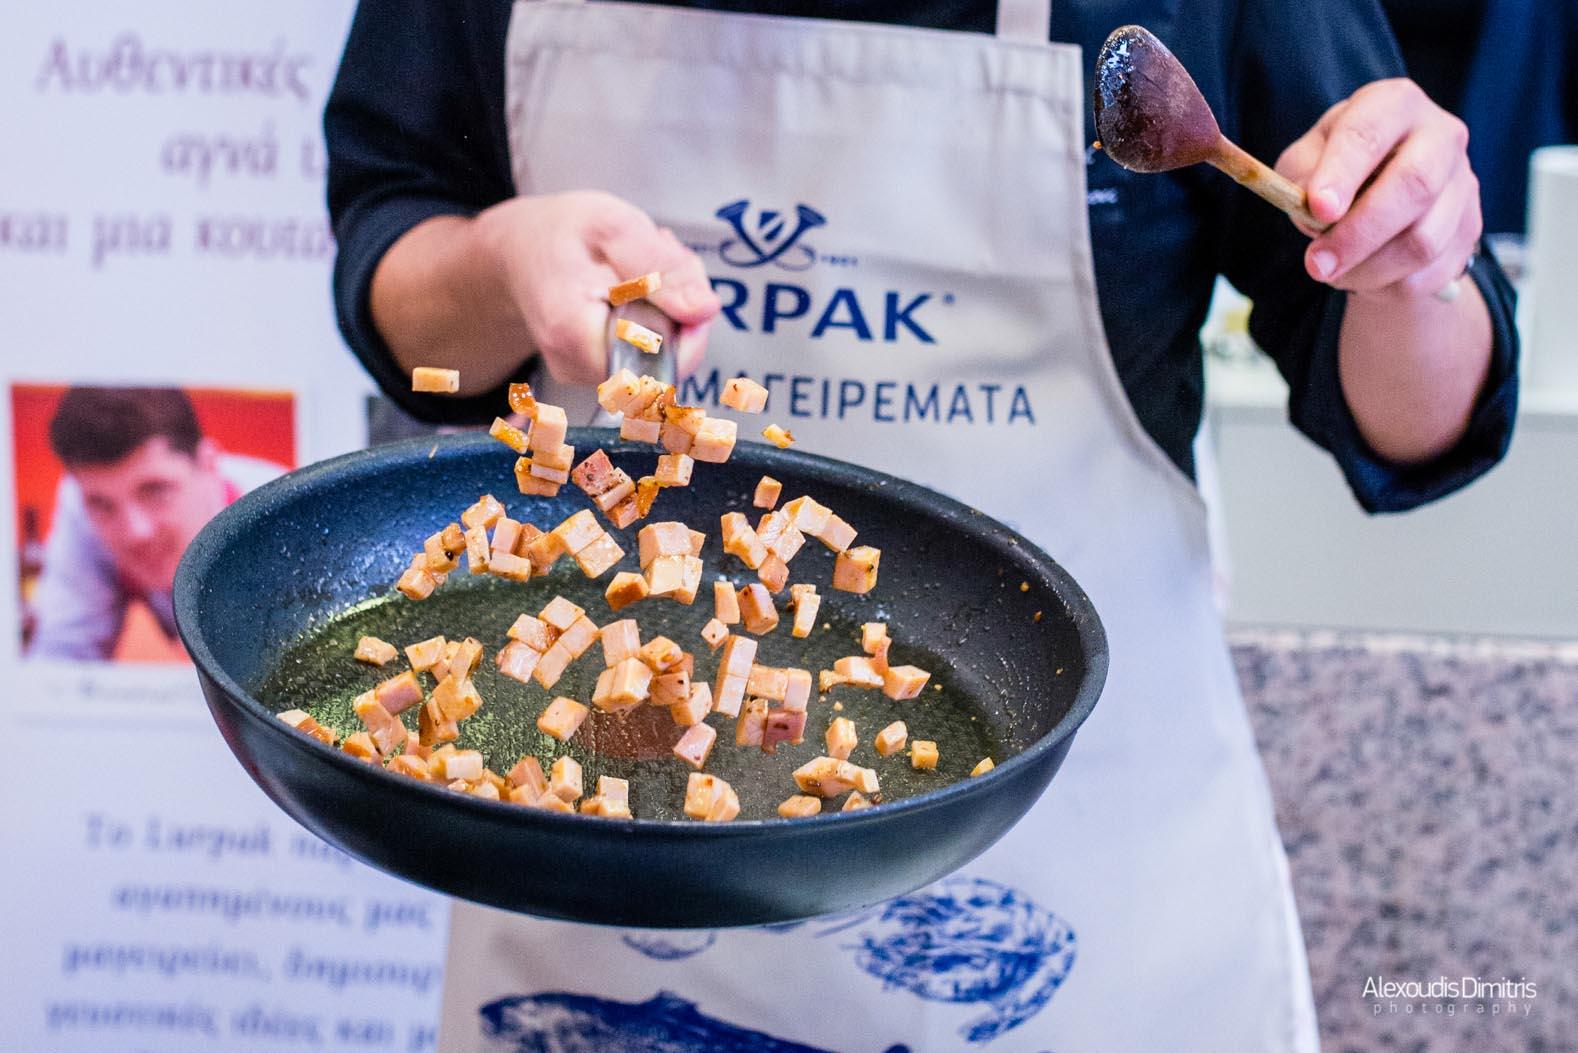 Τα LURPAK μαγειρέματα στην Αλεξανδρούπολη.